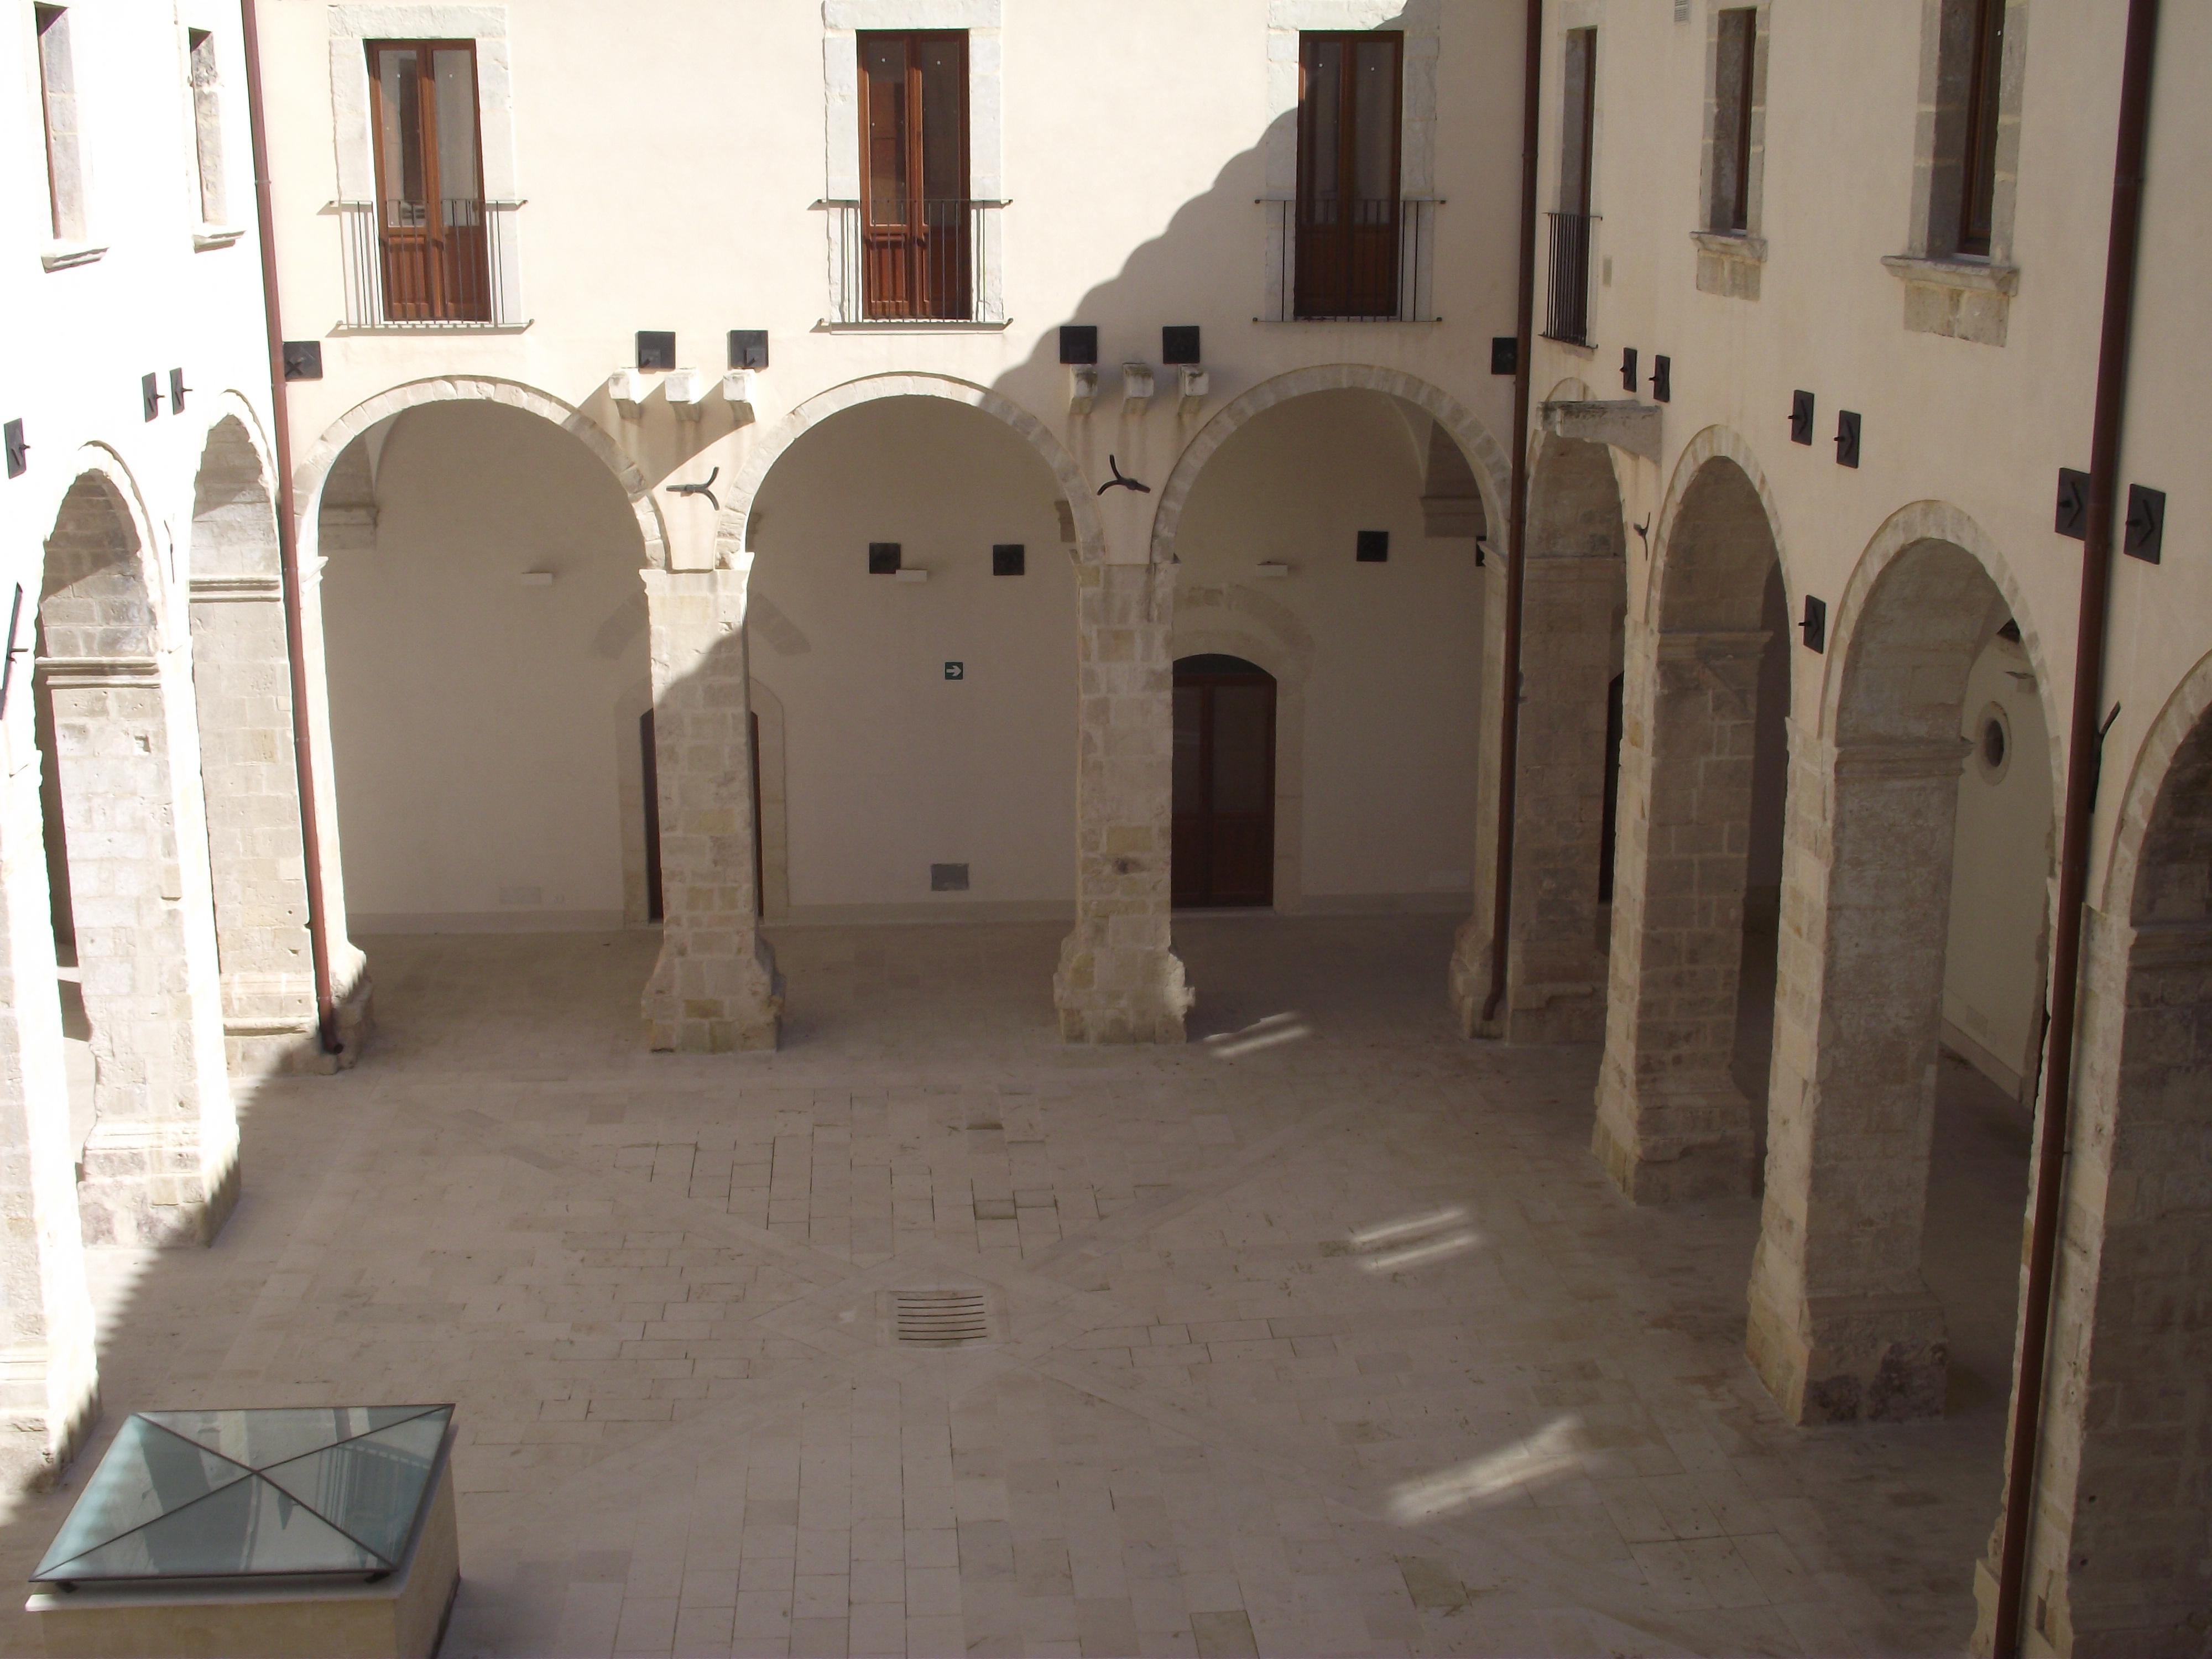 24 Novembre – Cerimonia di donazione di pannelli poetici nella sala Emanuele Giudice